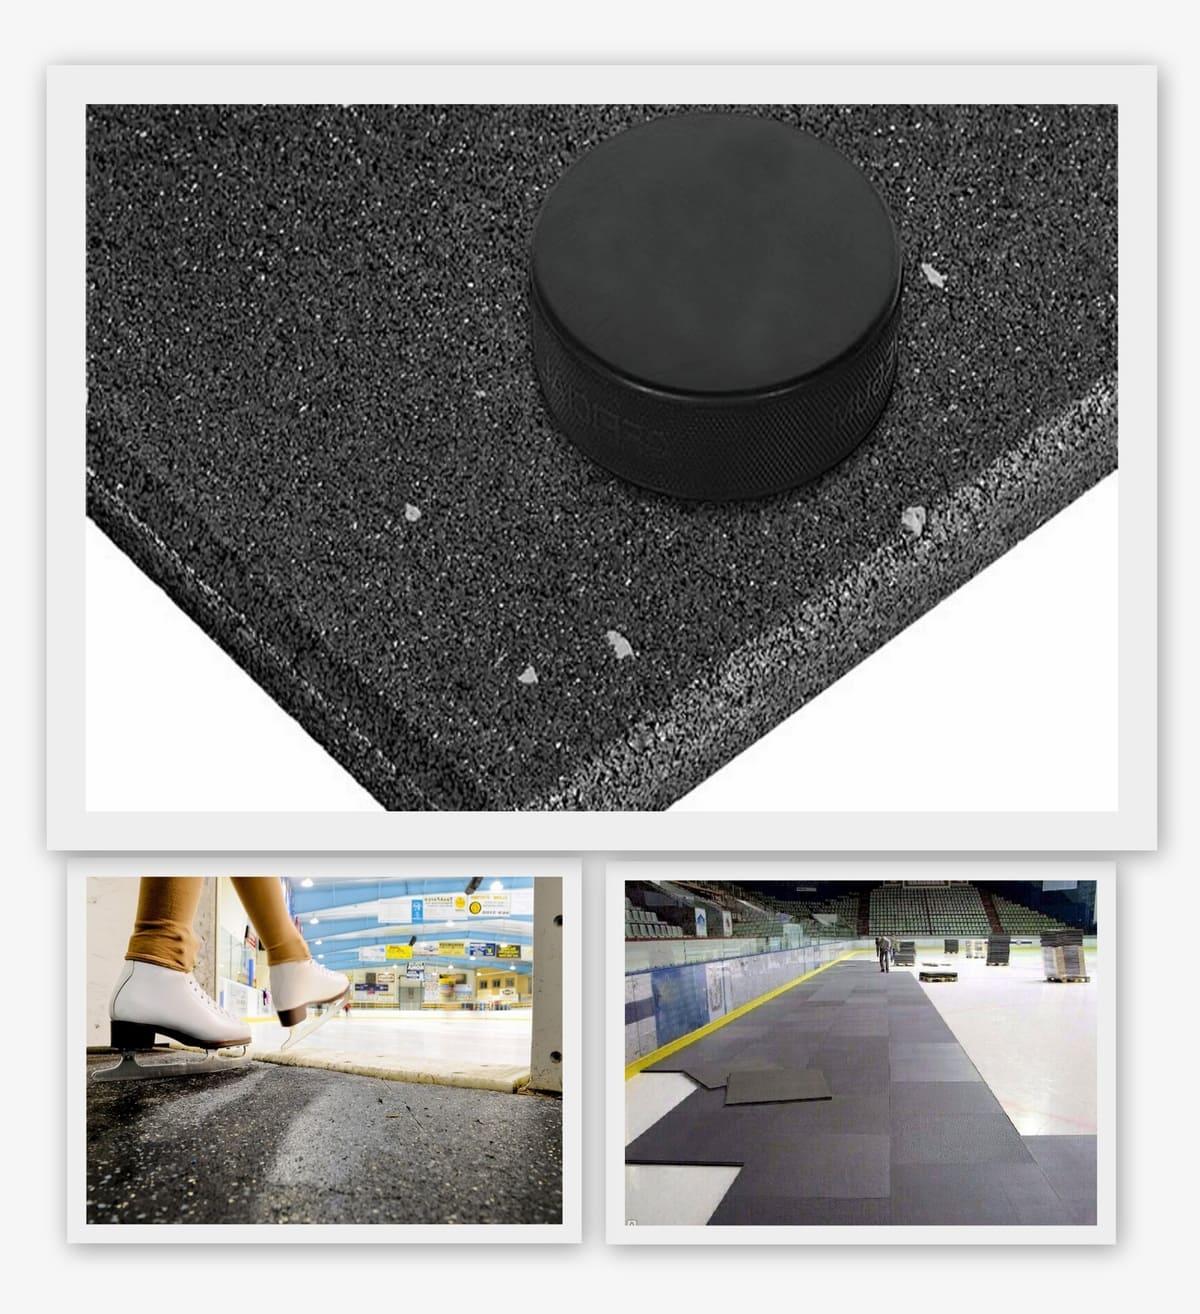 Резиновая покрытие 1000x1000x10мм для холодных помещений - Rubblex Ice